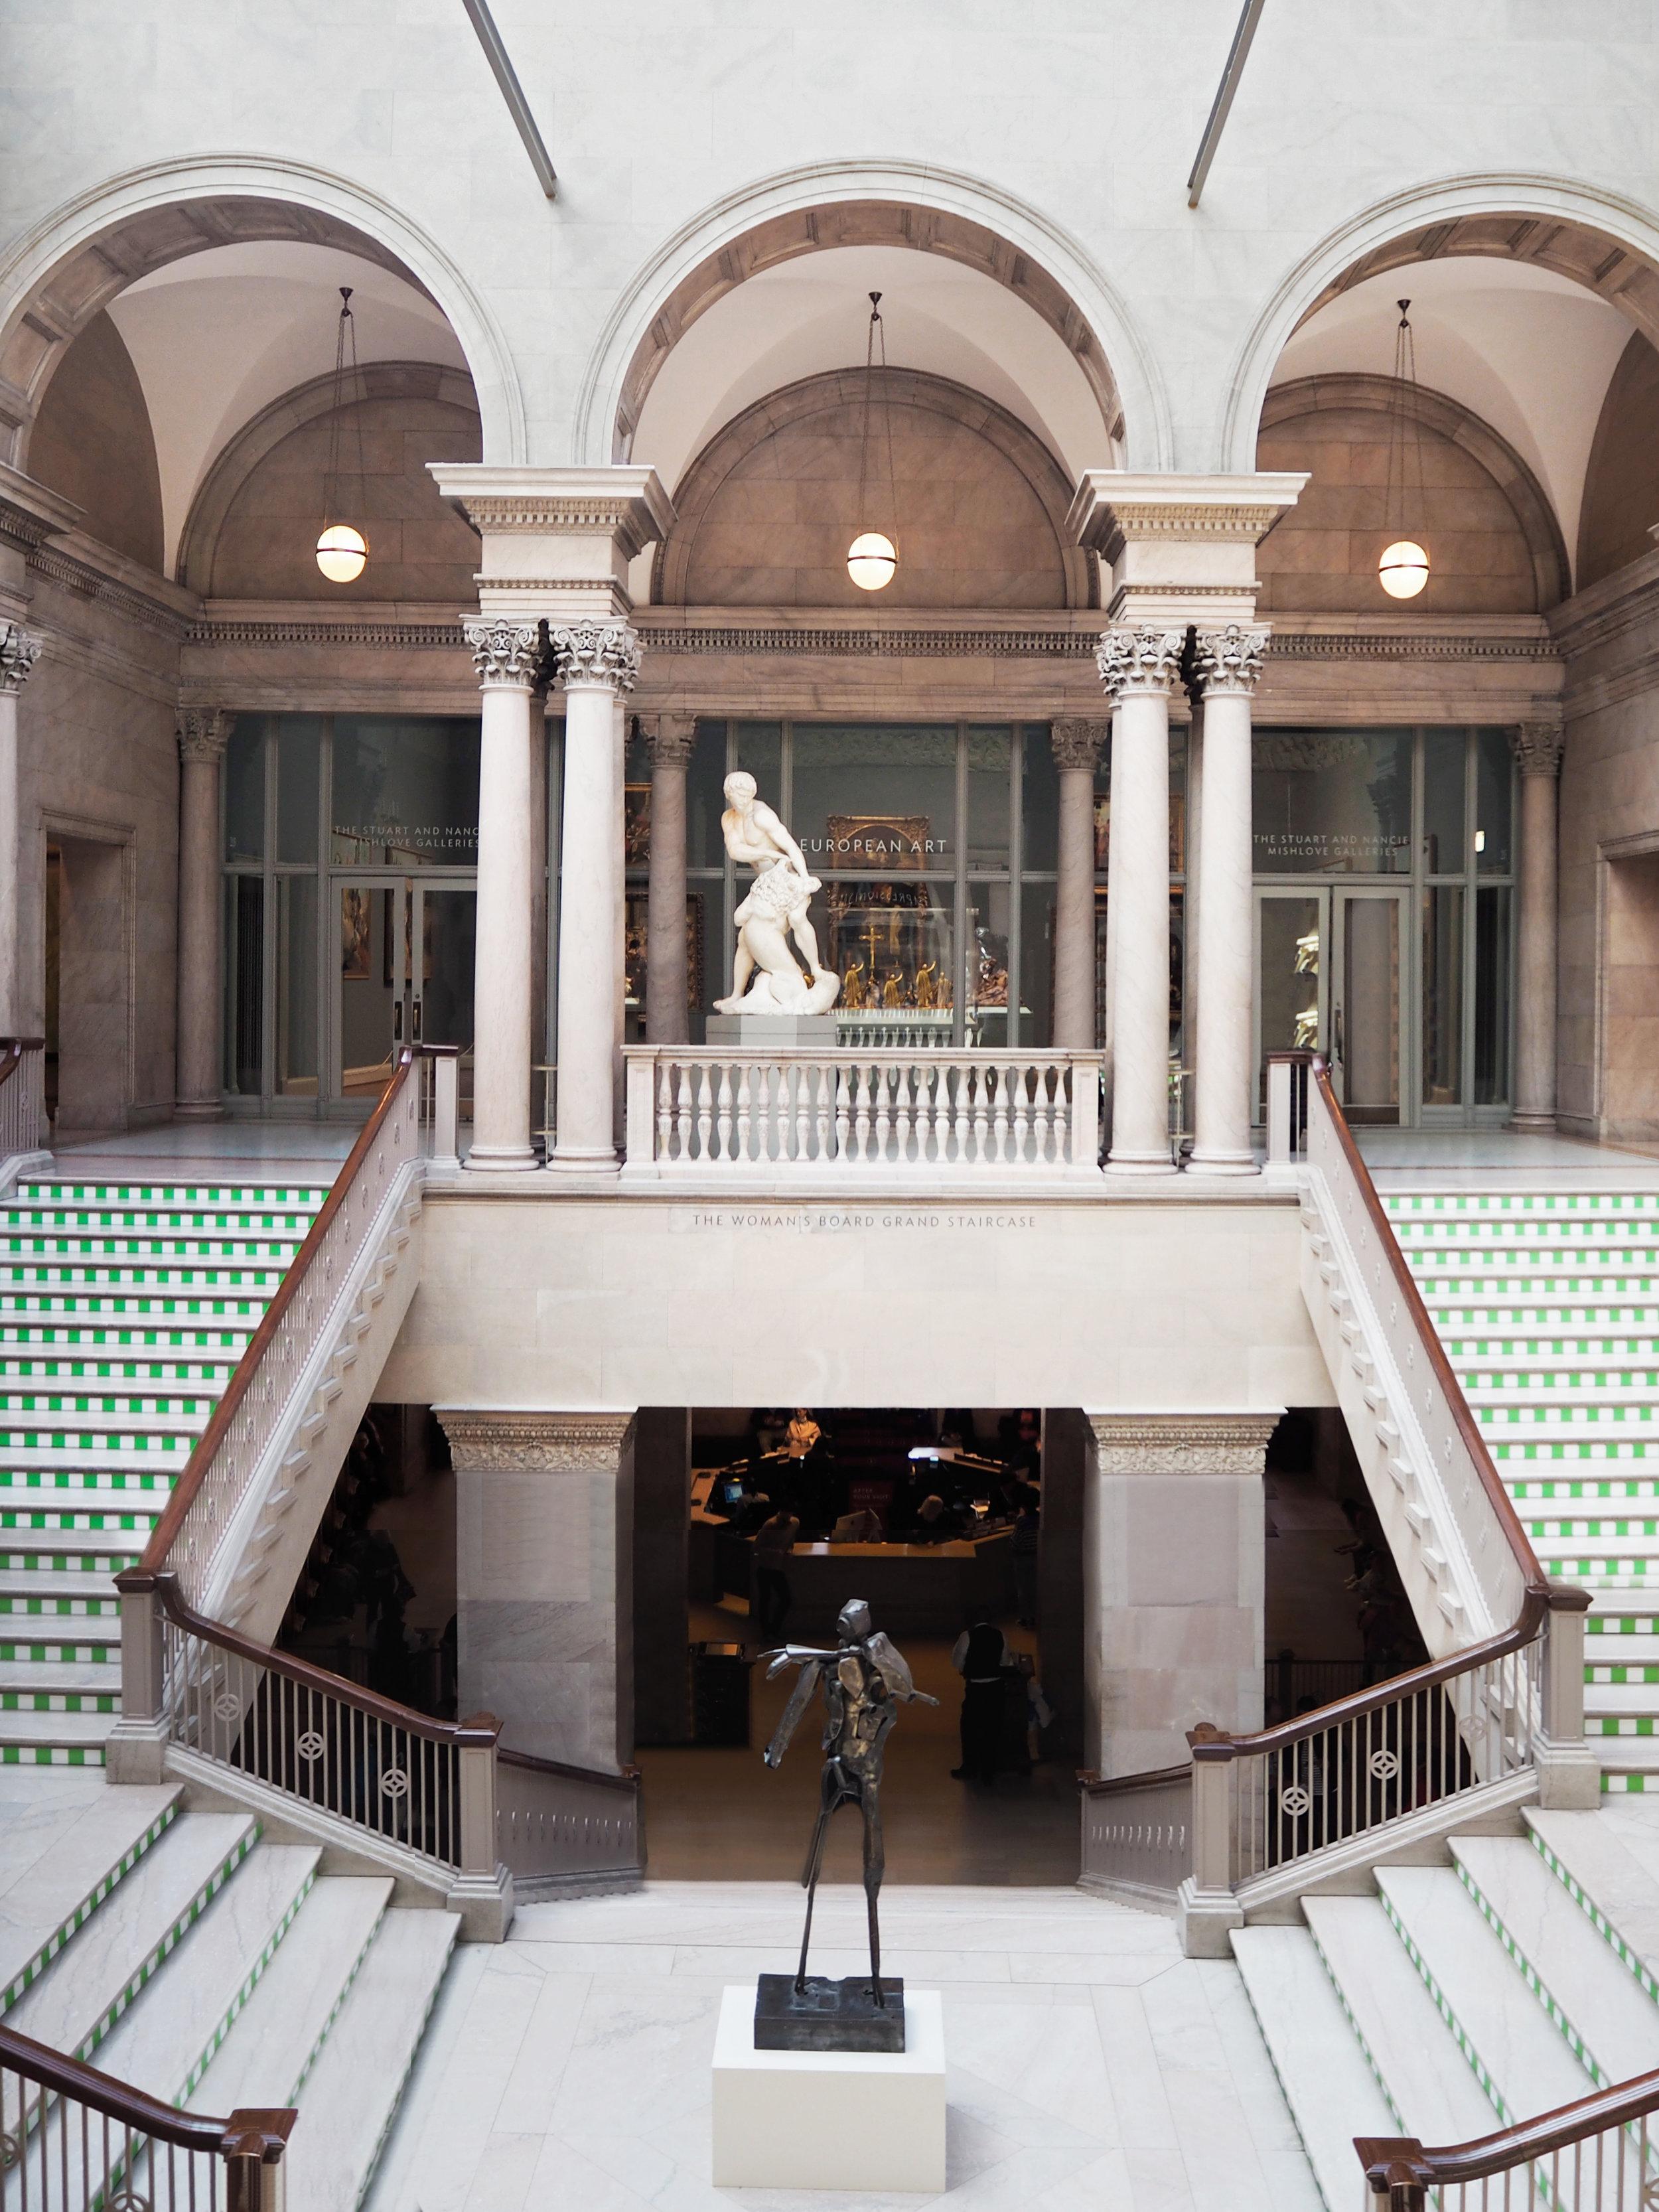 The Art Institute, Chicago